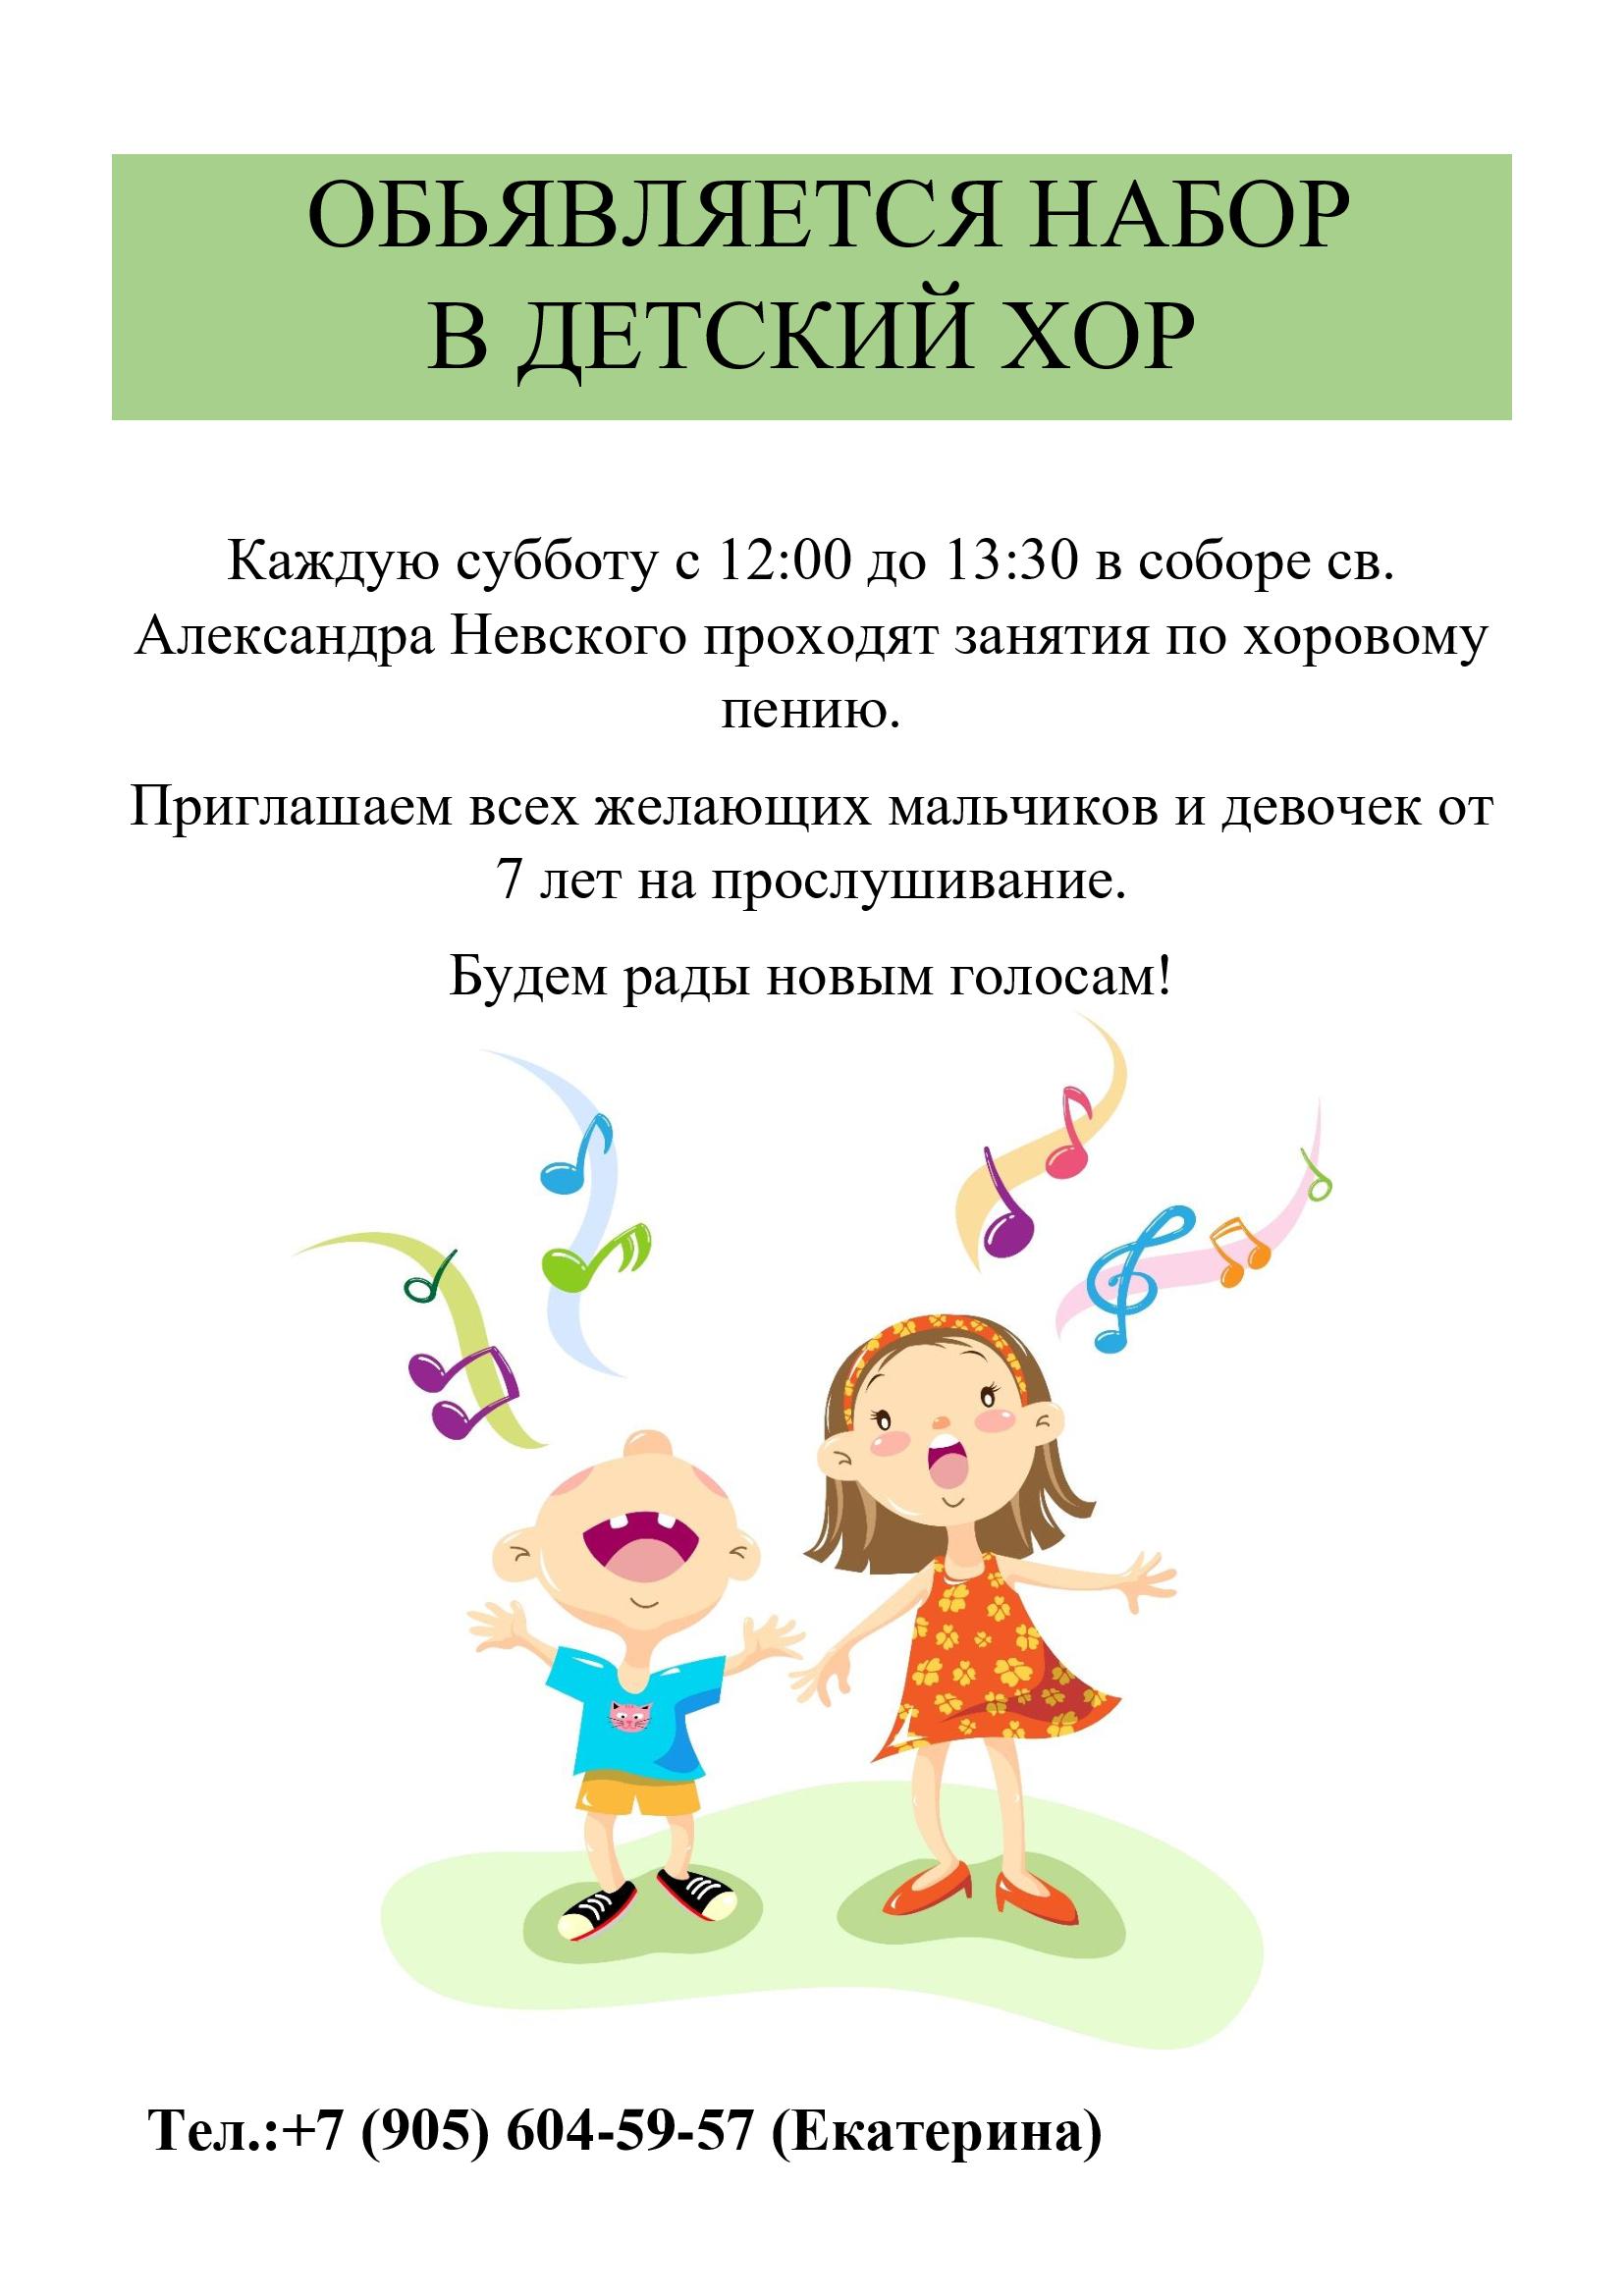 Детский хор при соборе Александра Невского